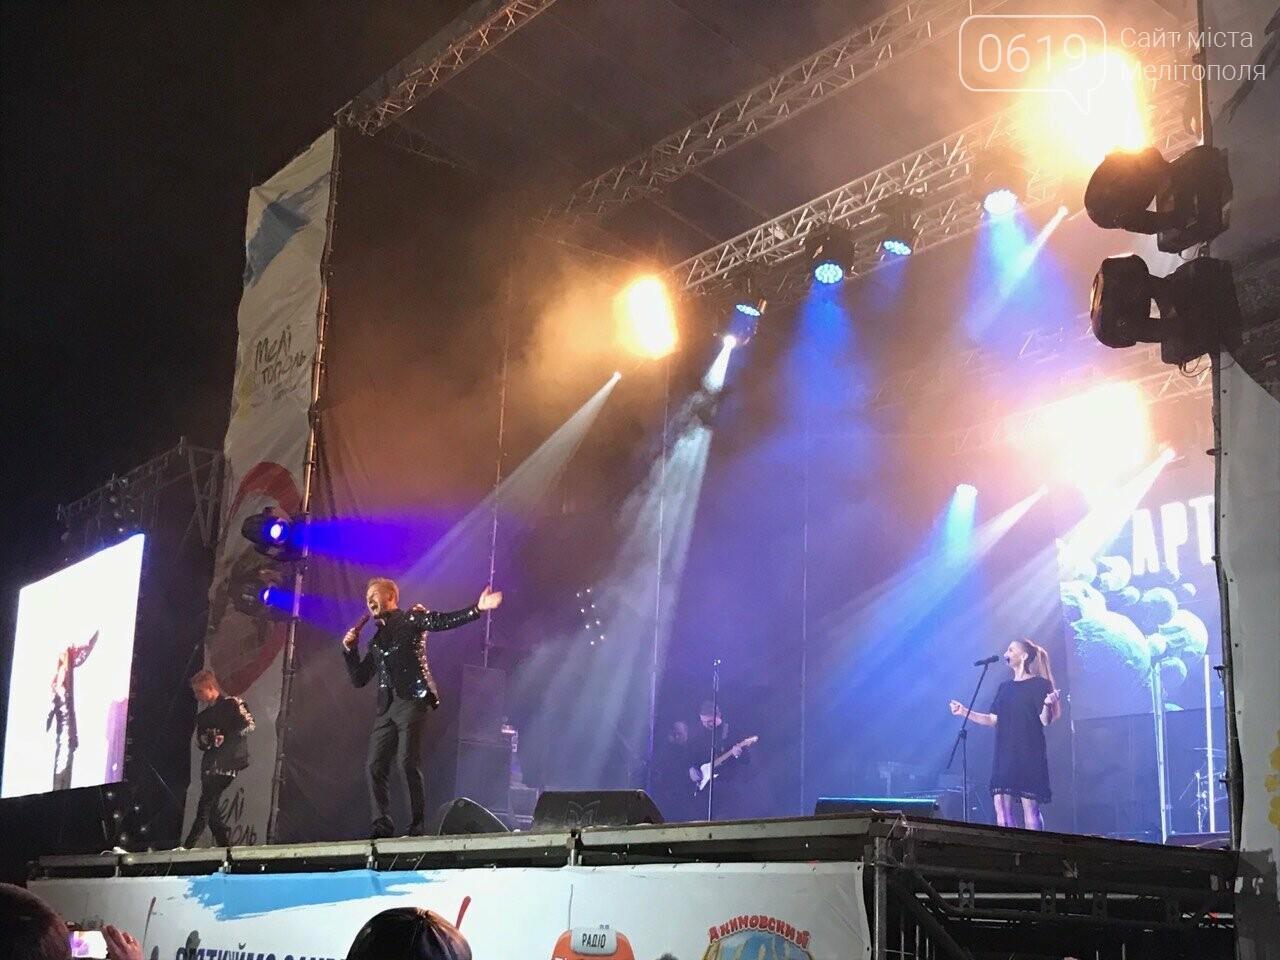 В Мелитополе День города отметили концертом и ярким фейерверком, фото-1